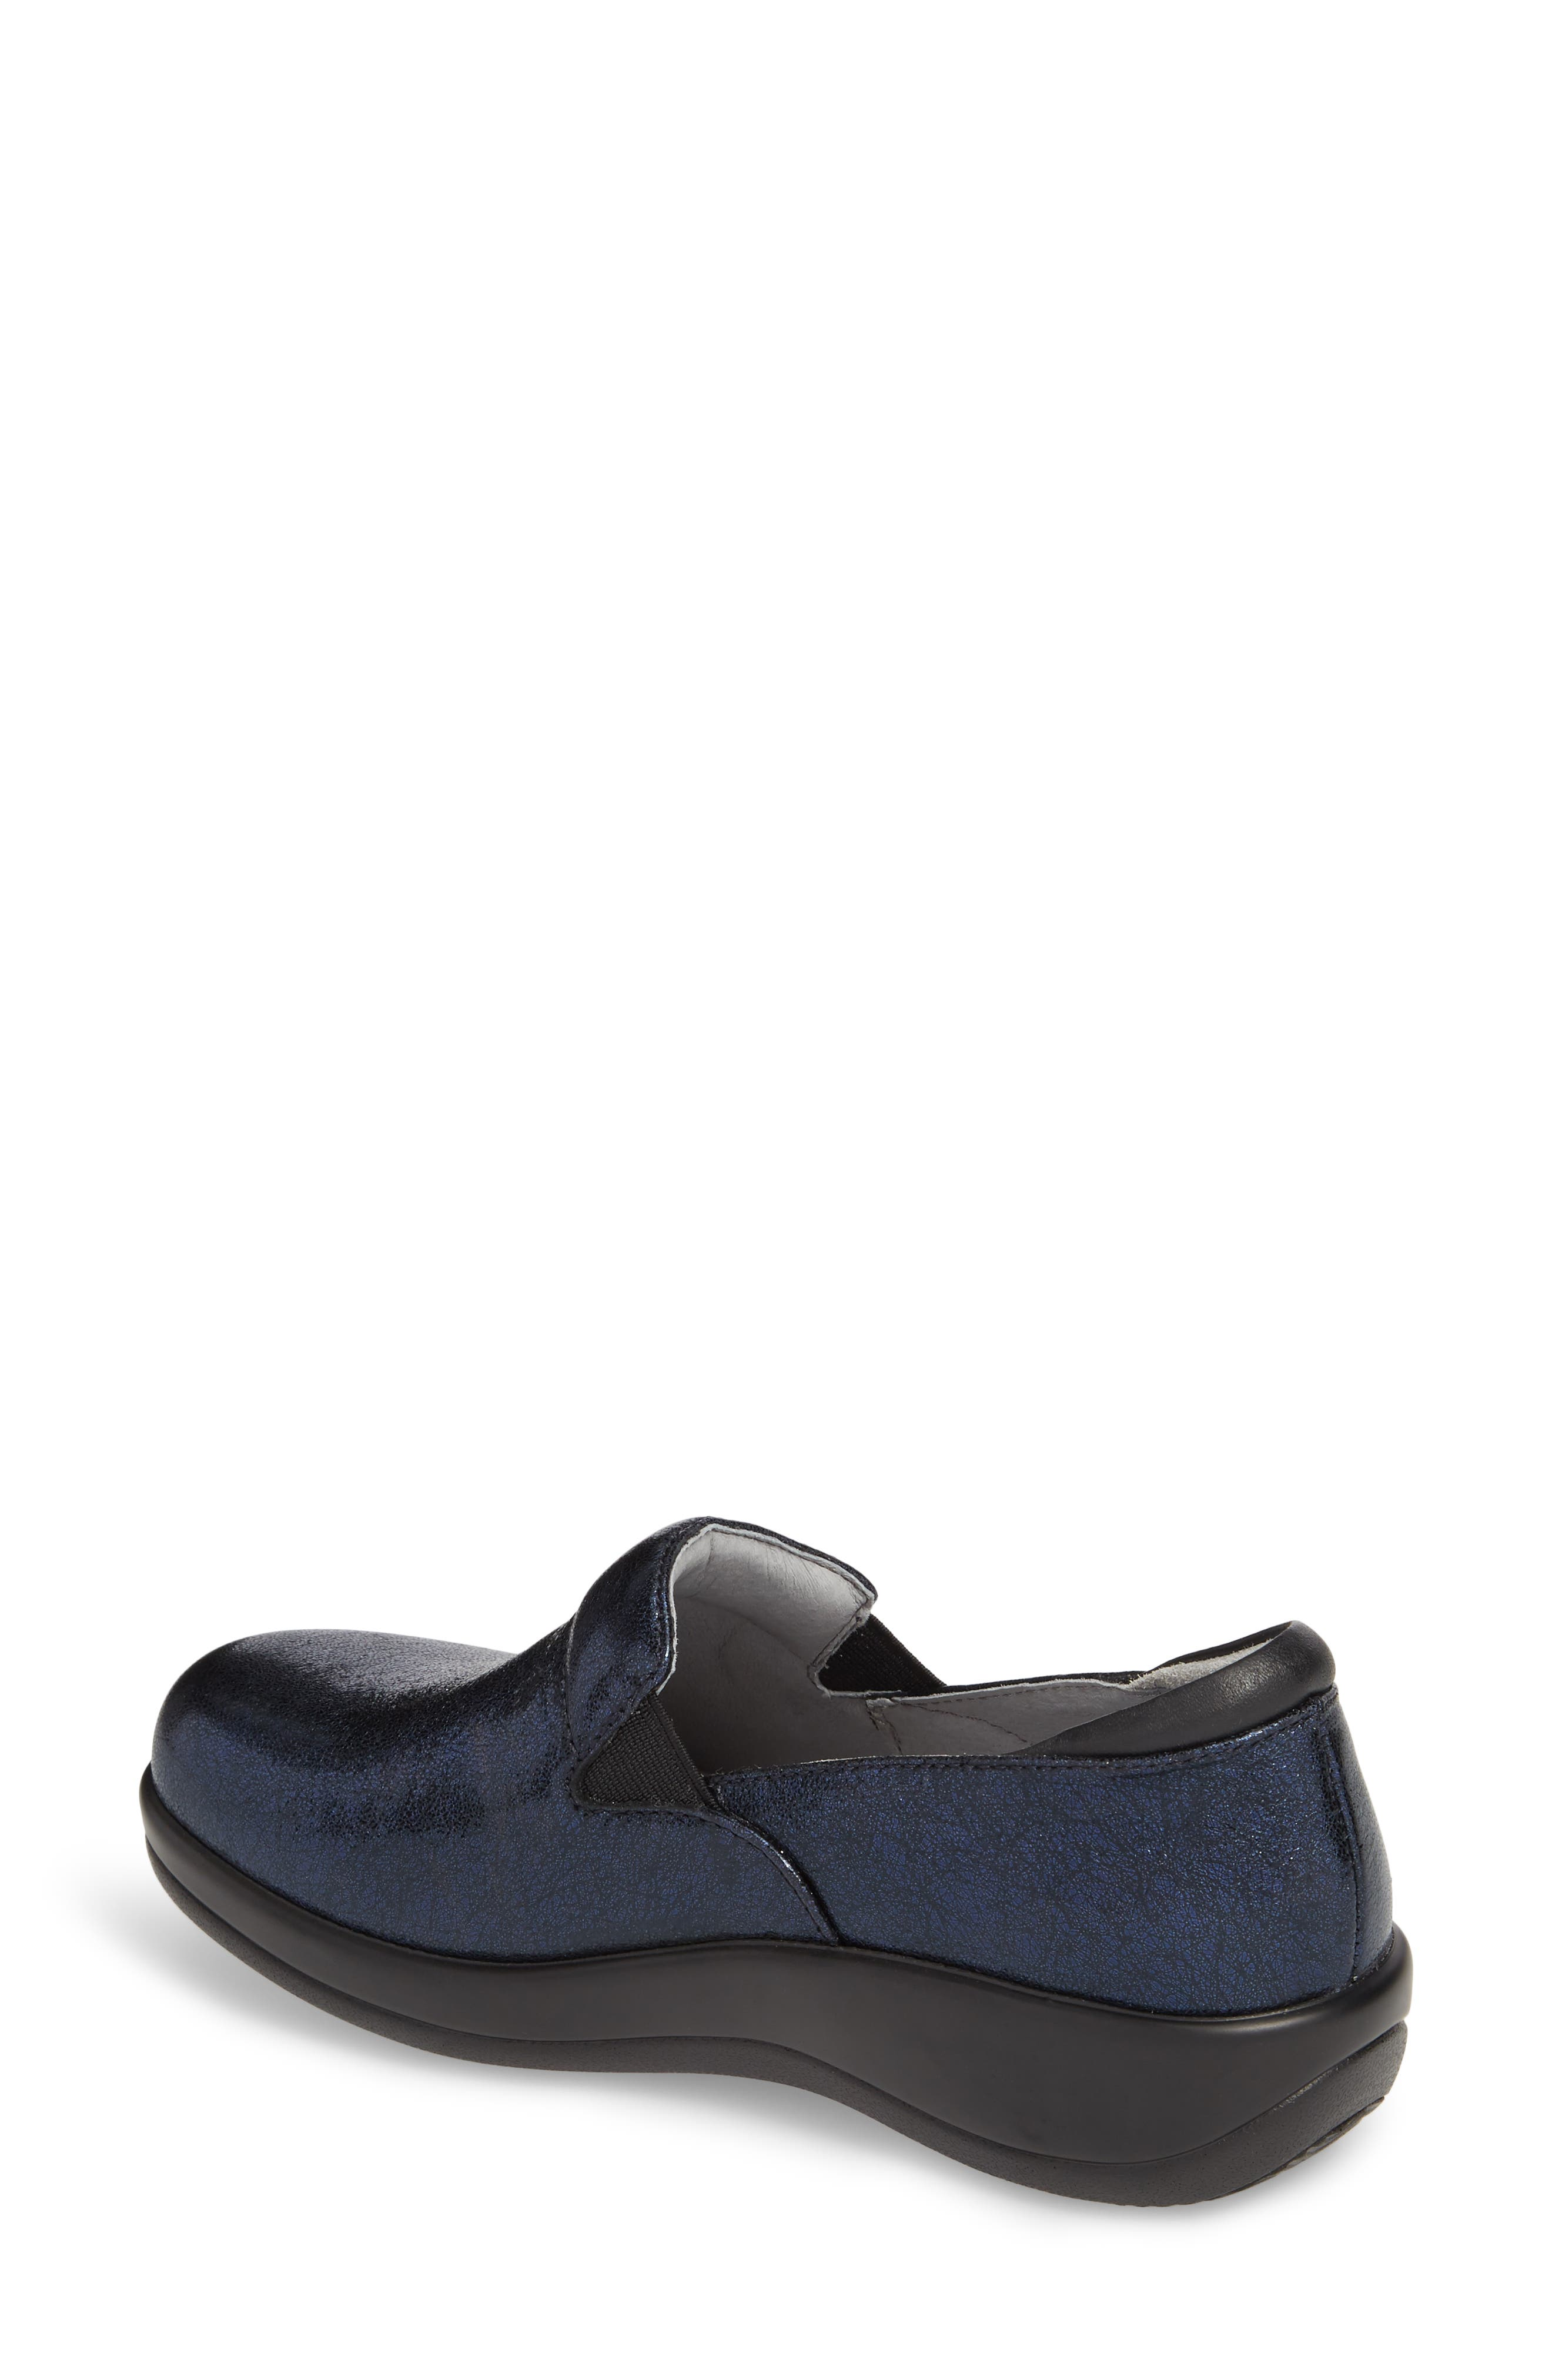 Walker Shoes Lancaster Wi